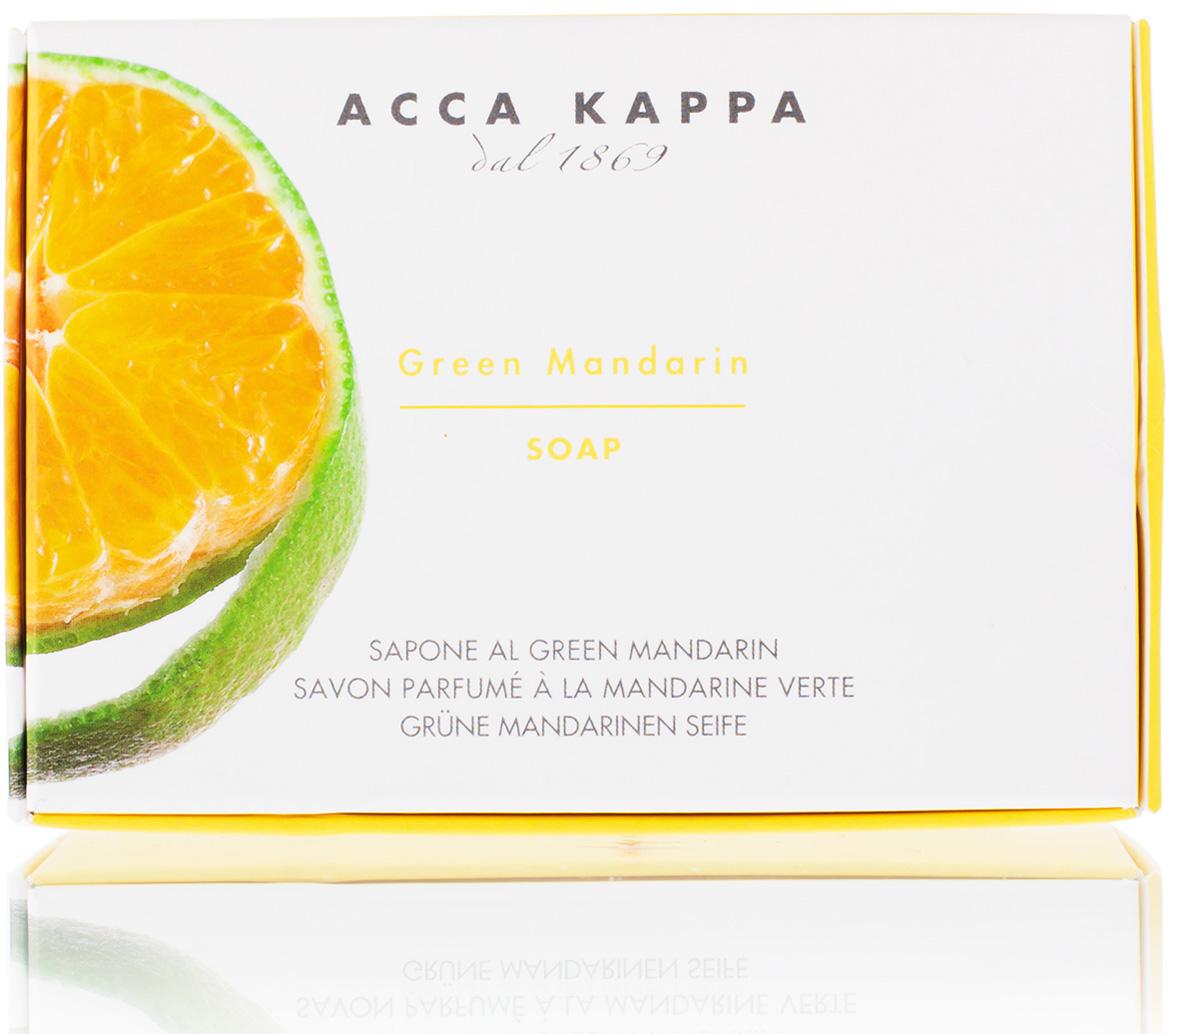 Acca Kappa Мыло туалетное Зеленый Мандарин 150 грMP59.4DМыло создано с использованием традиционных методов из сырья исключительно растительного происхождения.